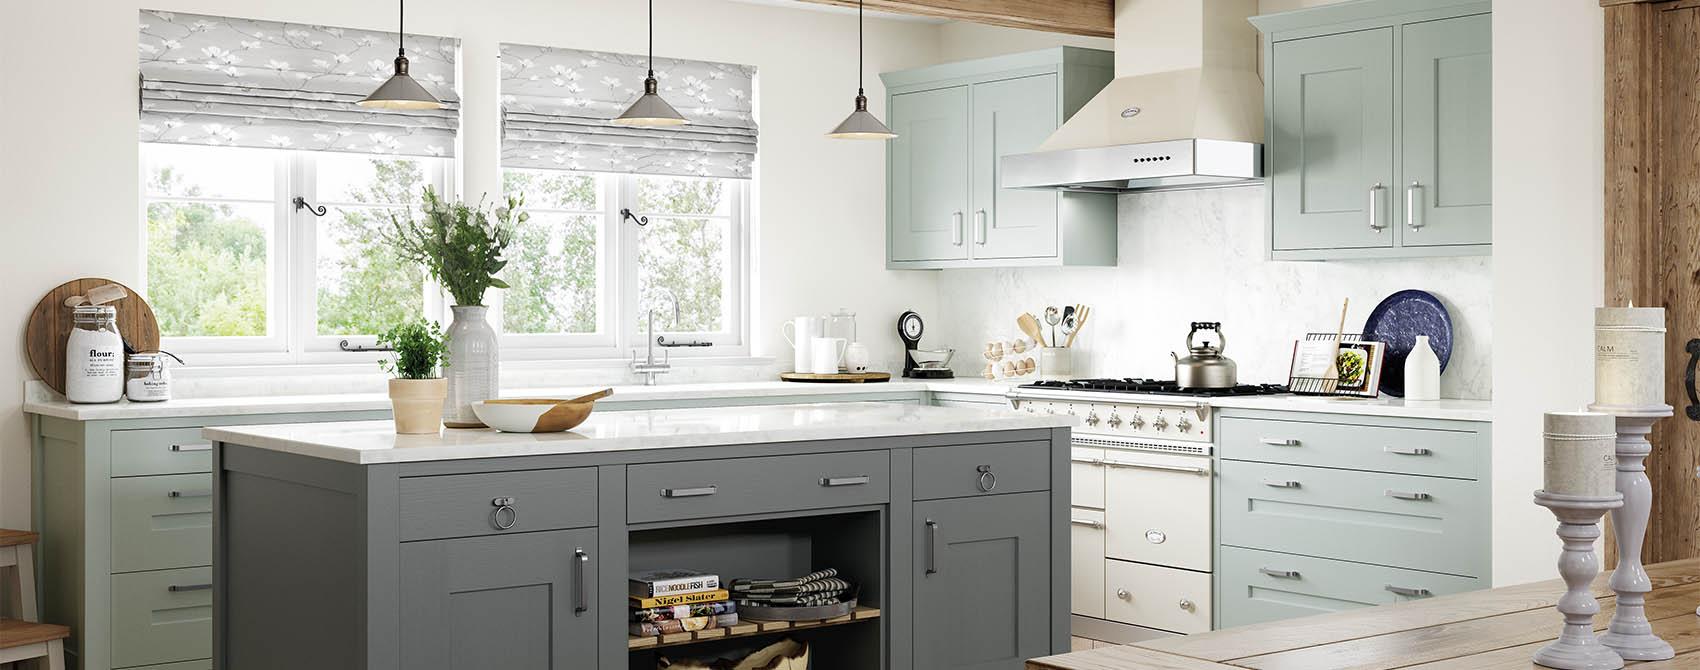 modern classic kitchen design